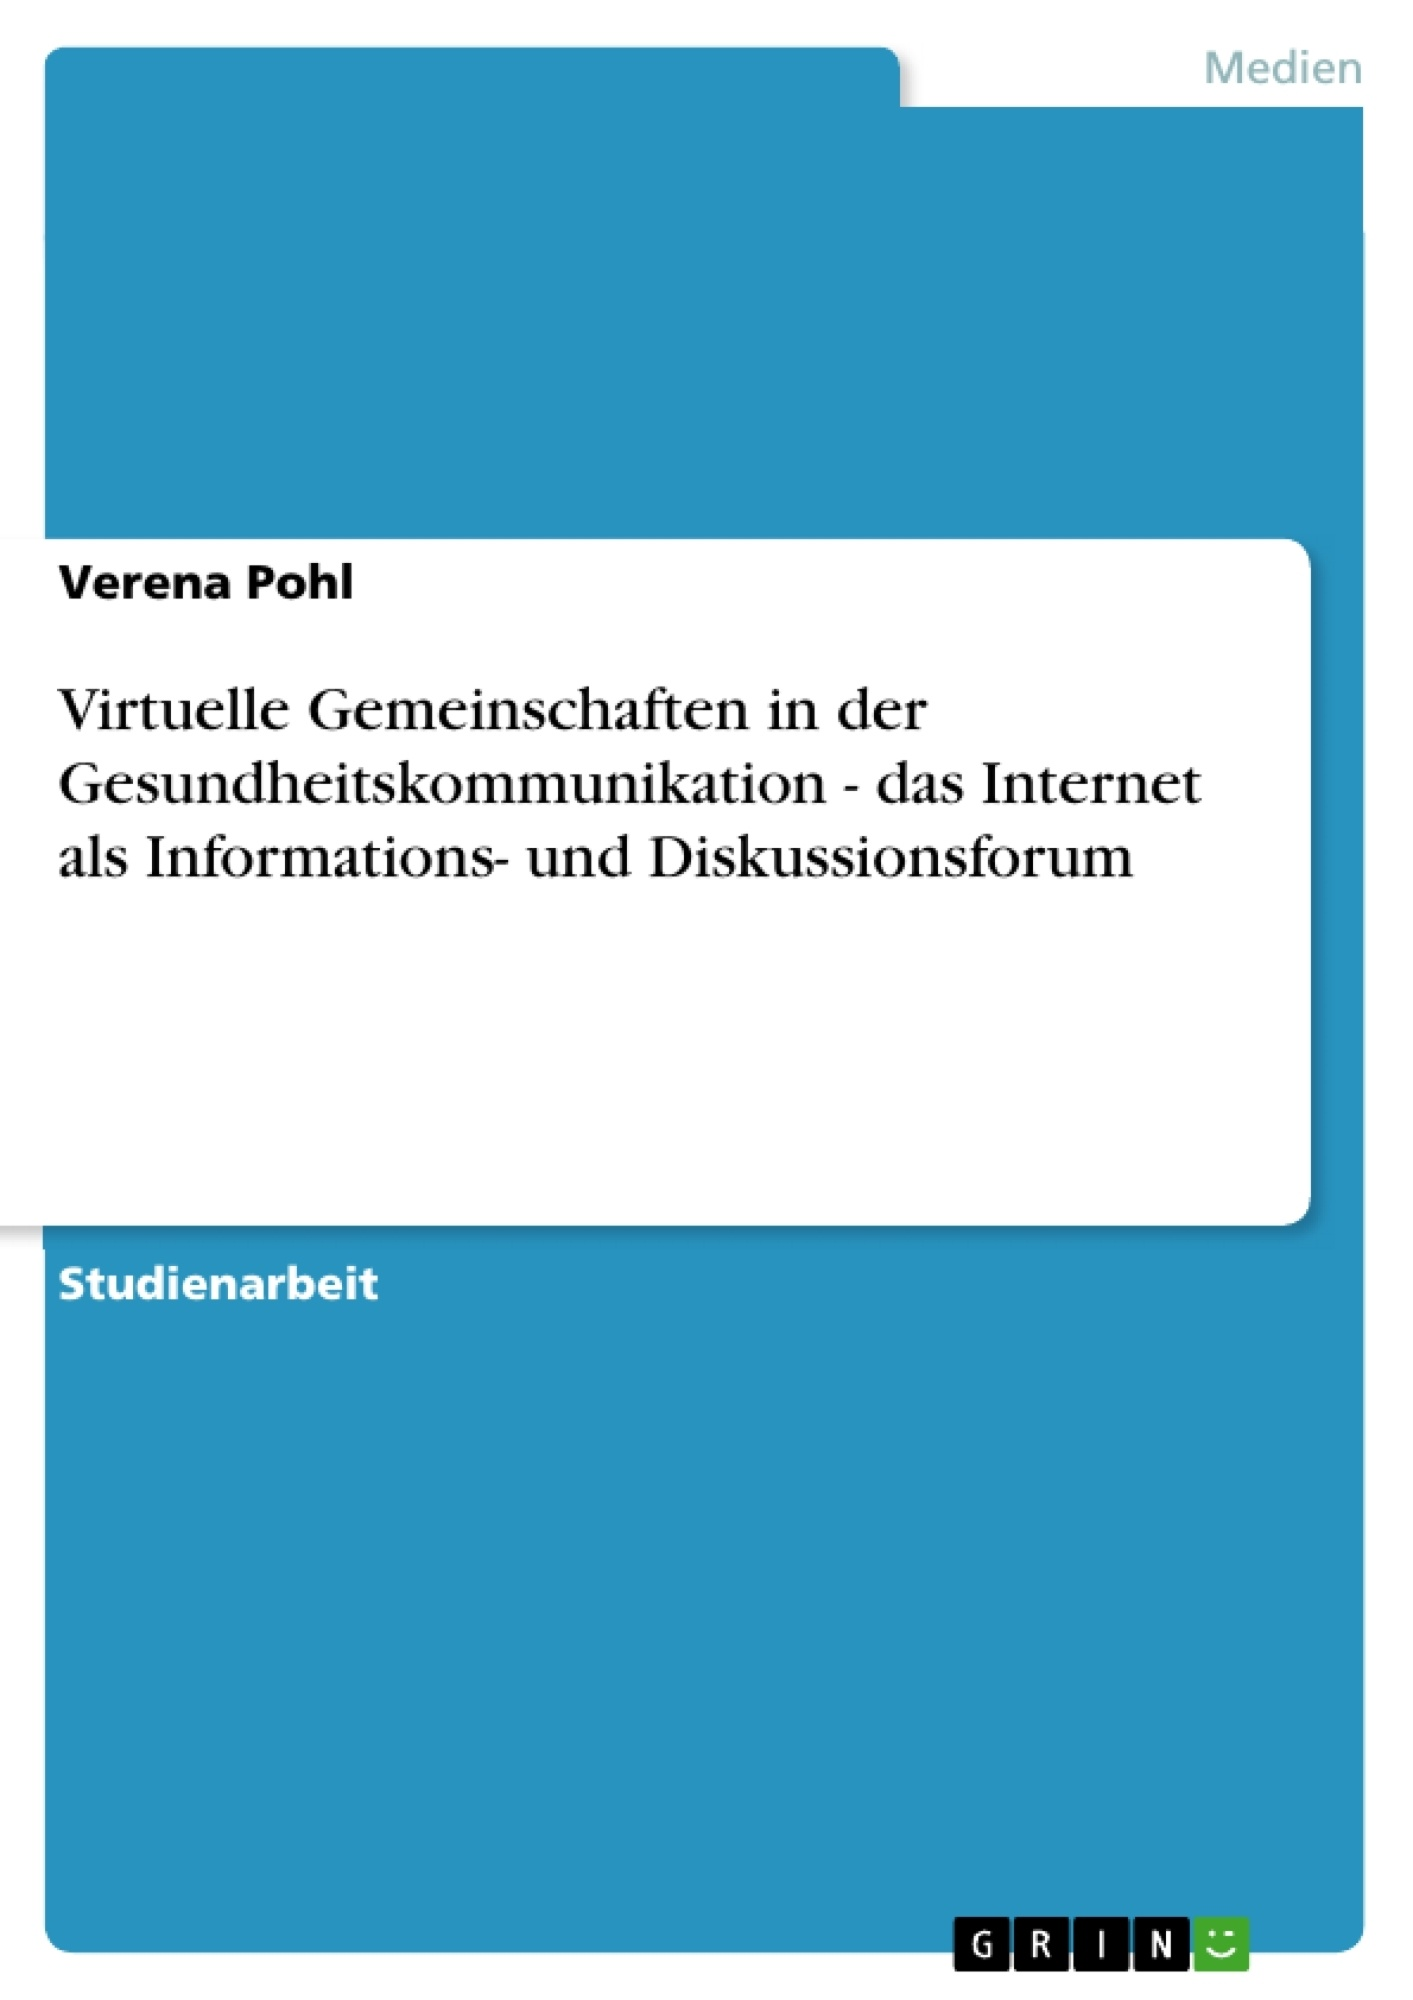 Titel: Virtuelle Gemeinschaften in der Gesundheitskommunikation - das Internet als Informations- und Diskussionsforum